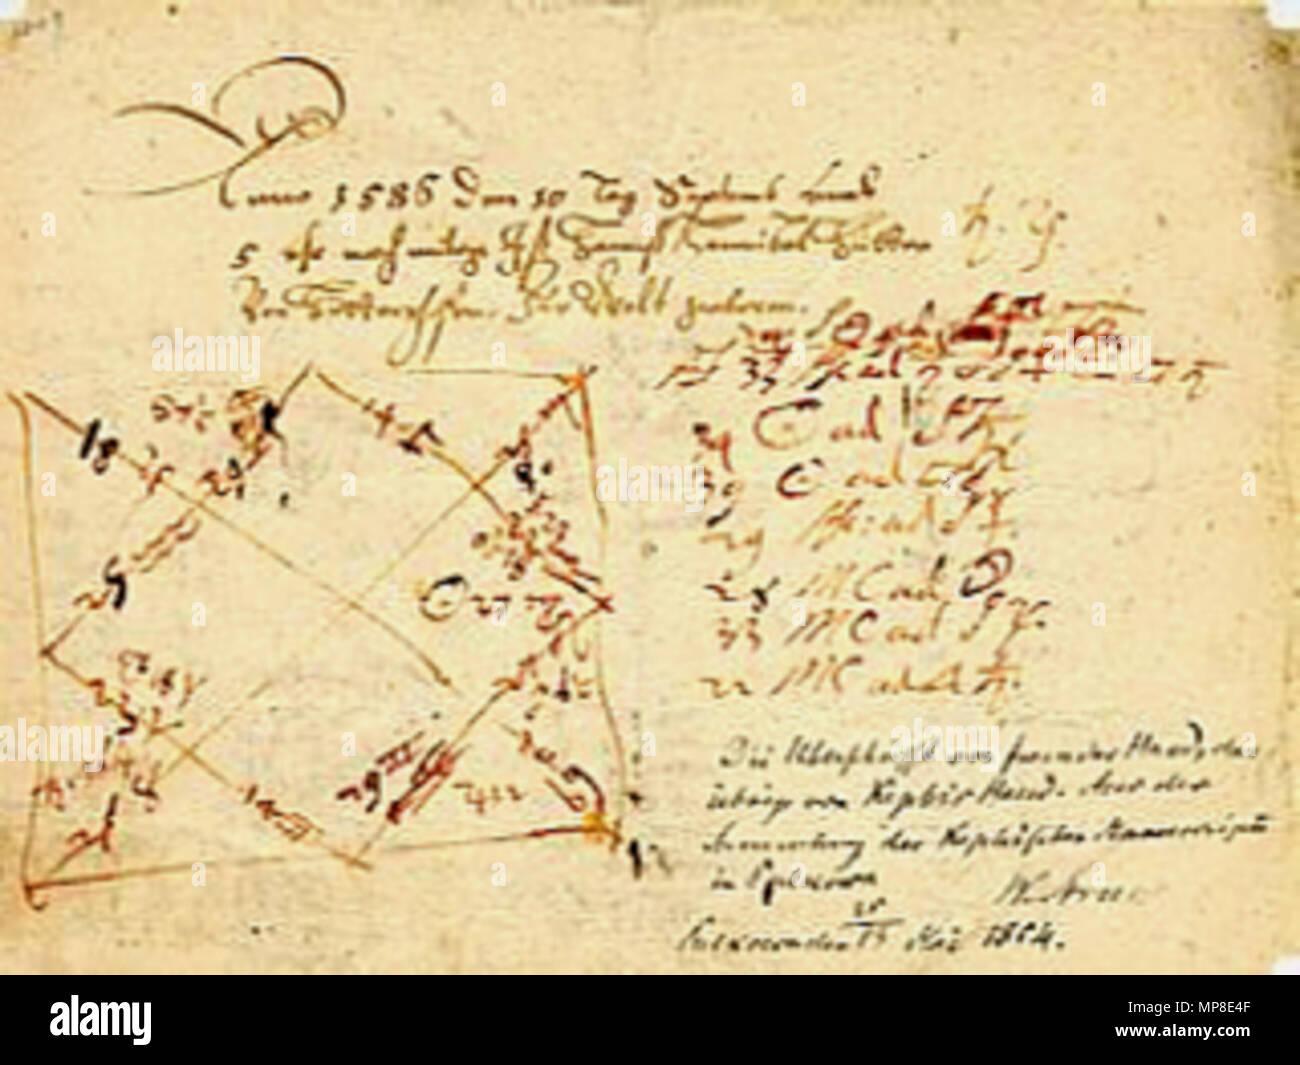 Horoscope drawn up by Johannes Kepler for Austrian nobleman